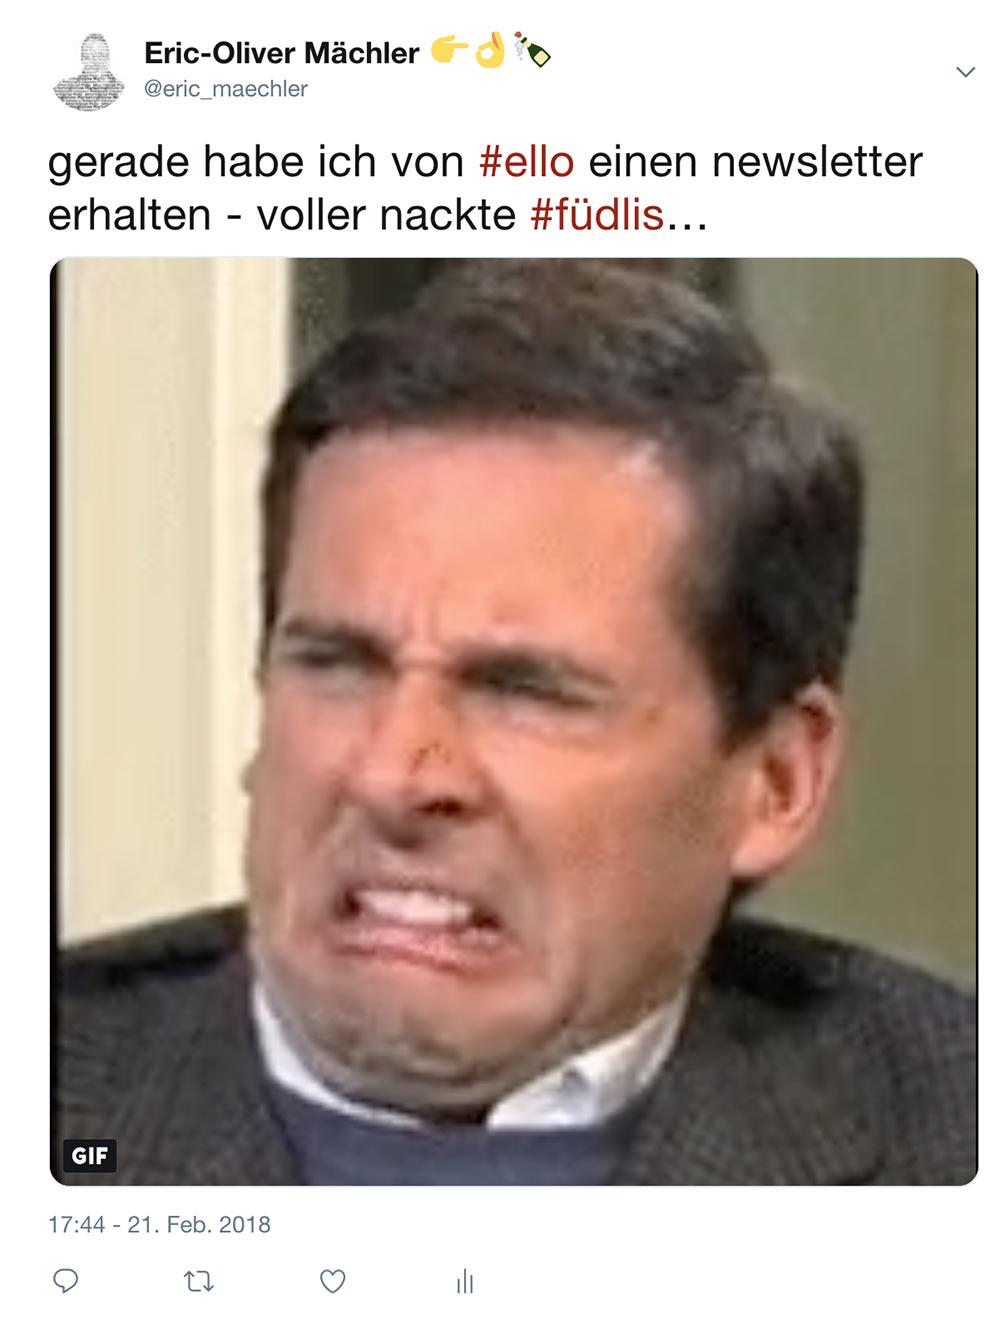 ello zerstoeren 3 - Bye Bye Ello - Anleitung zum Selbstmord eines Social Media Networks